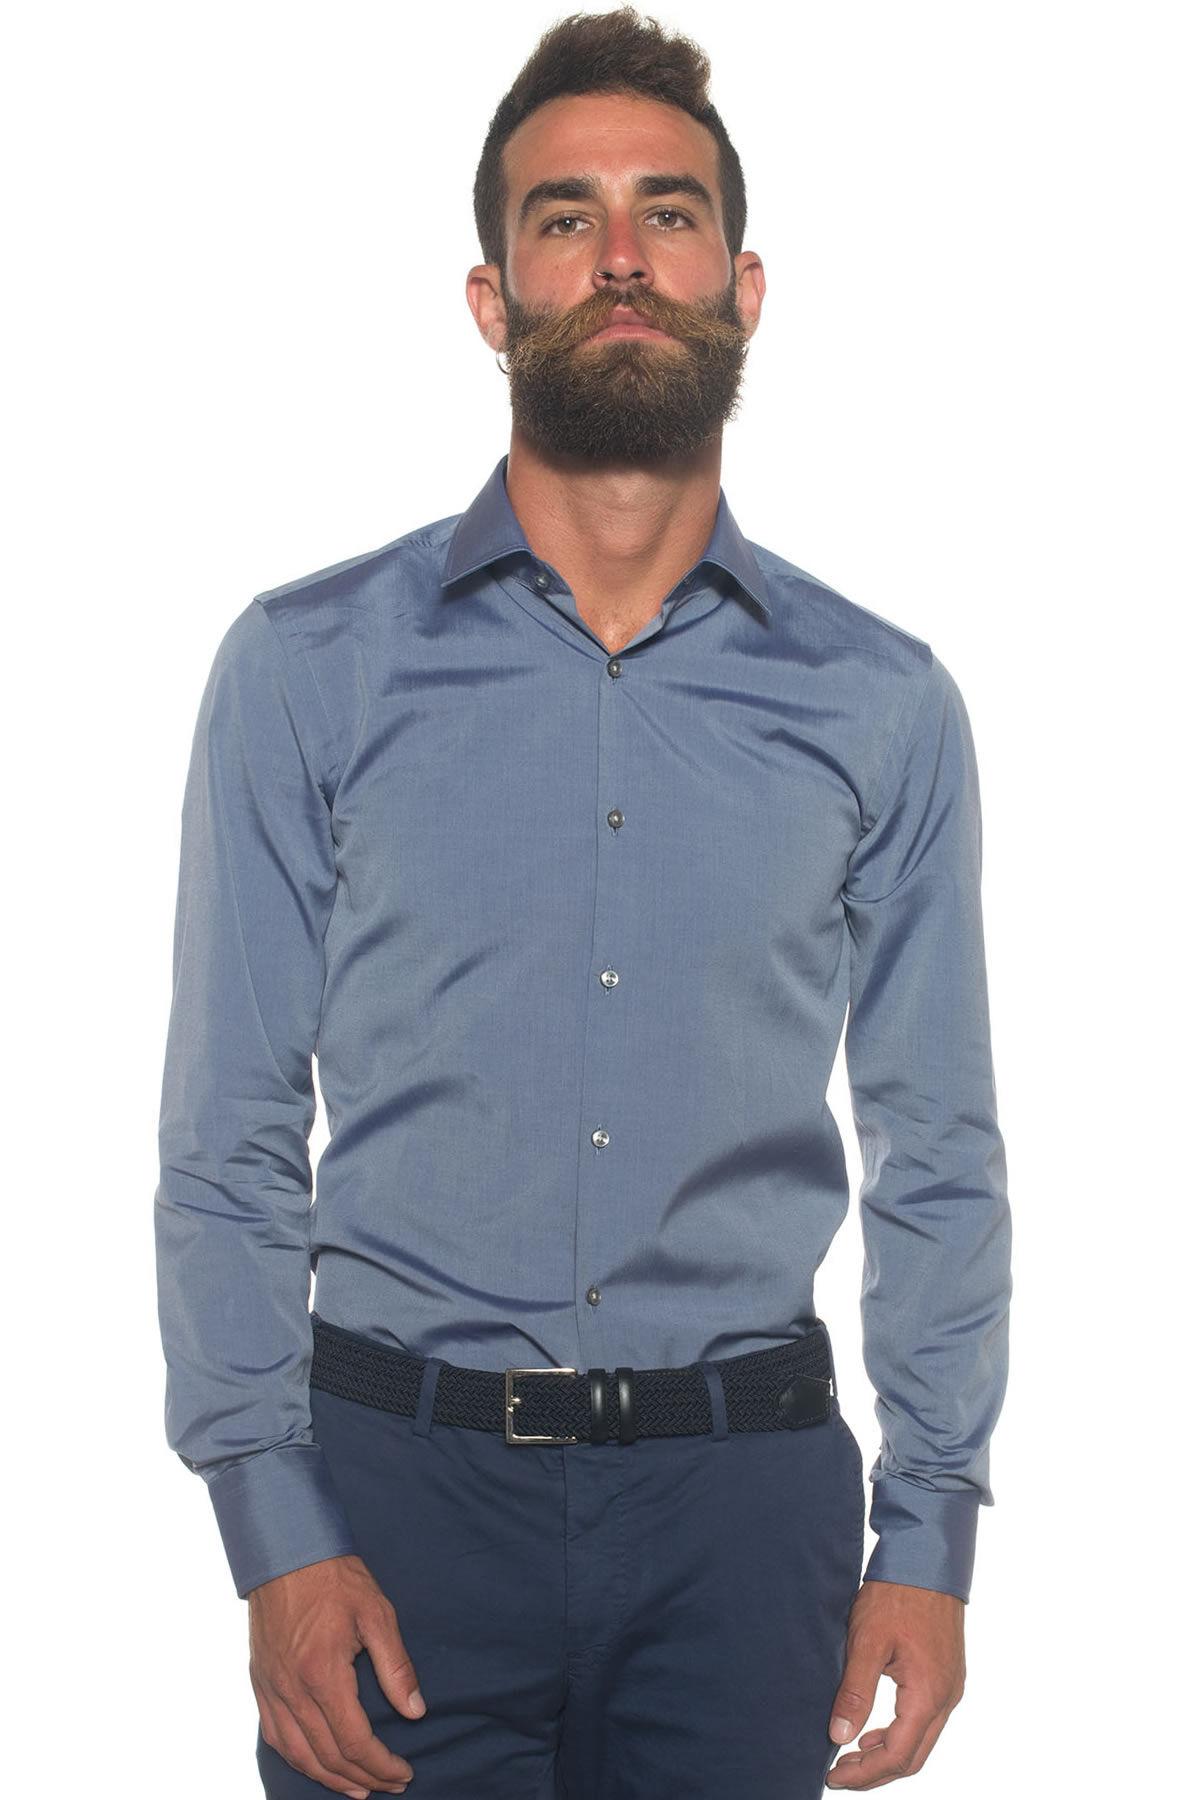 Boss Camicia classica da uomo Grigio medio Cotone Uomo